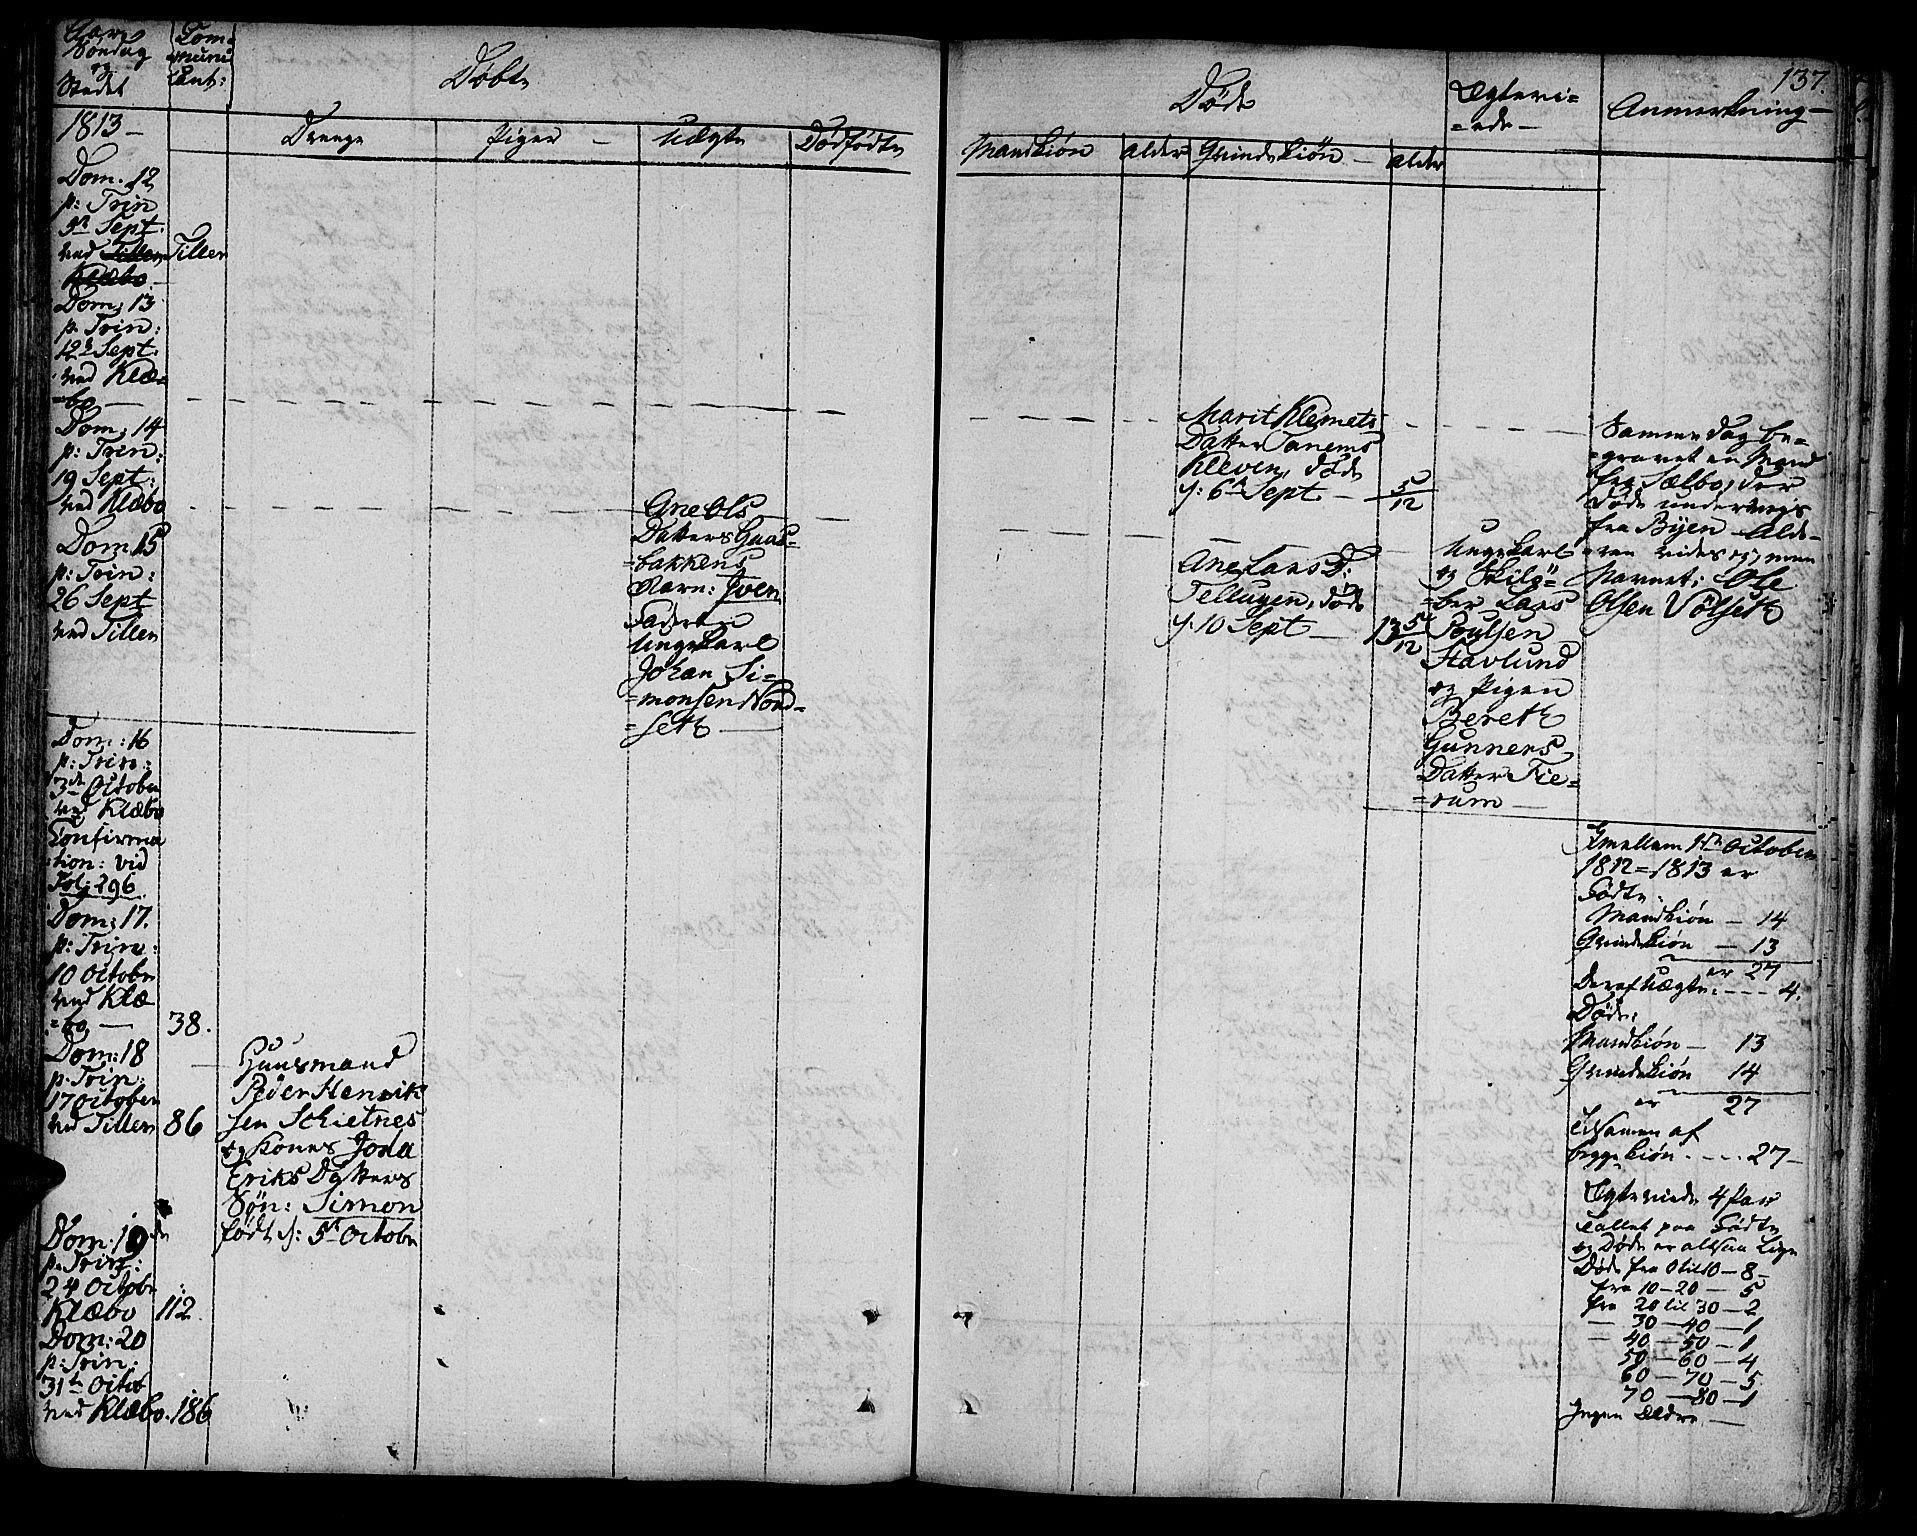 SAT, Ministerialprotokoller, klokkerbøker og fødselsregistre - Sør-Trøndelag, 618/L0438: Ministerialbok nr. 618A03, 1783-1815, s. 137